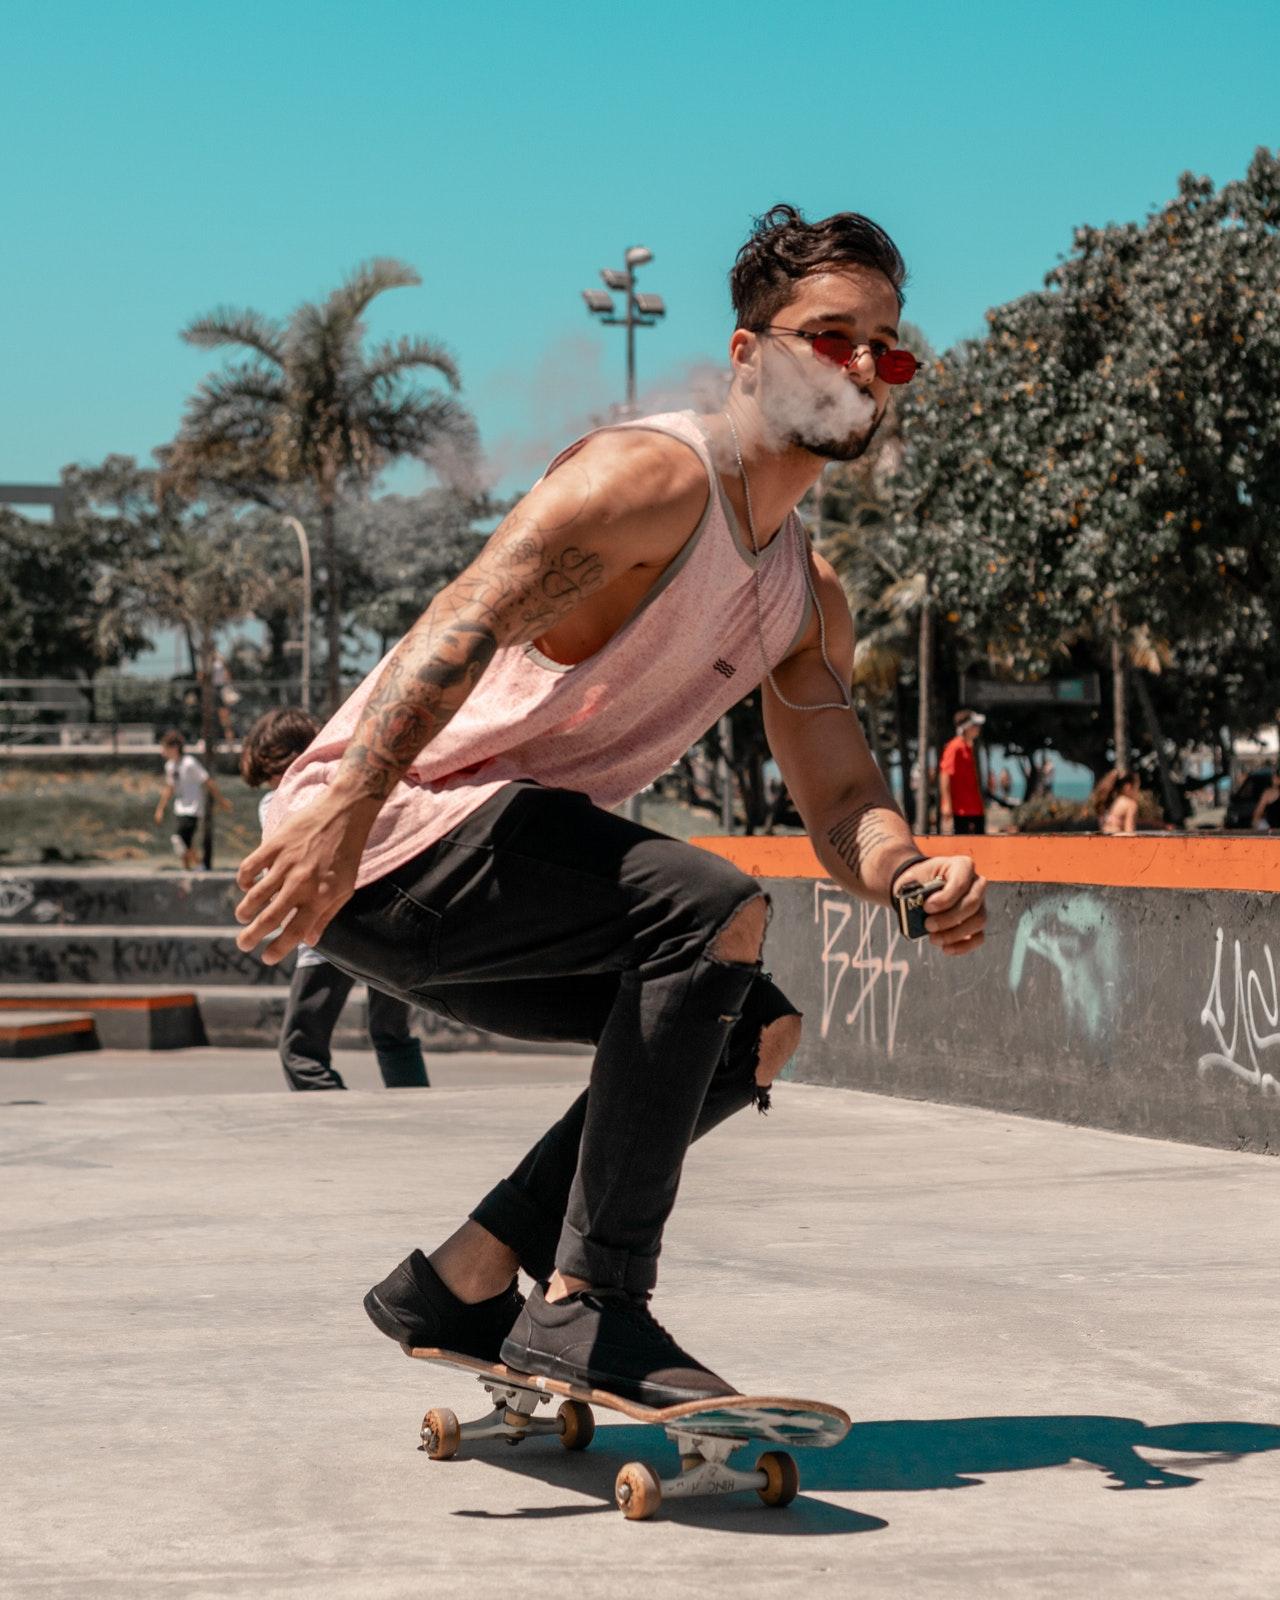 Felipe Parucker/Pexels